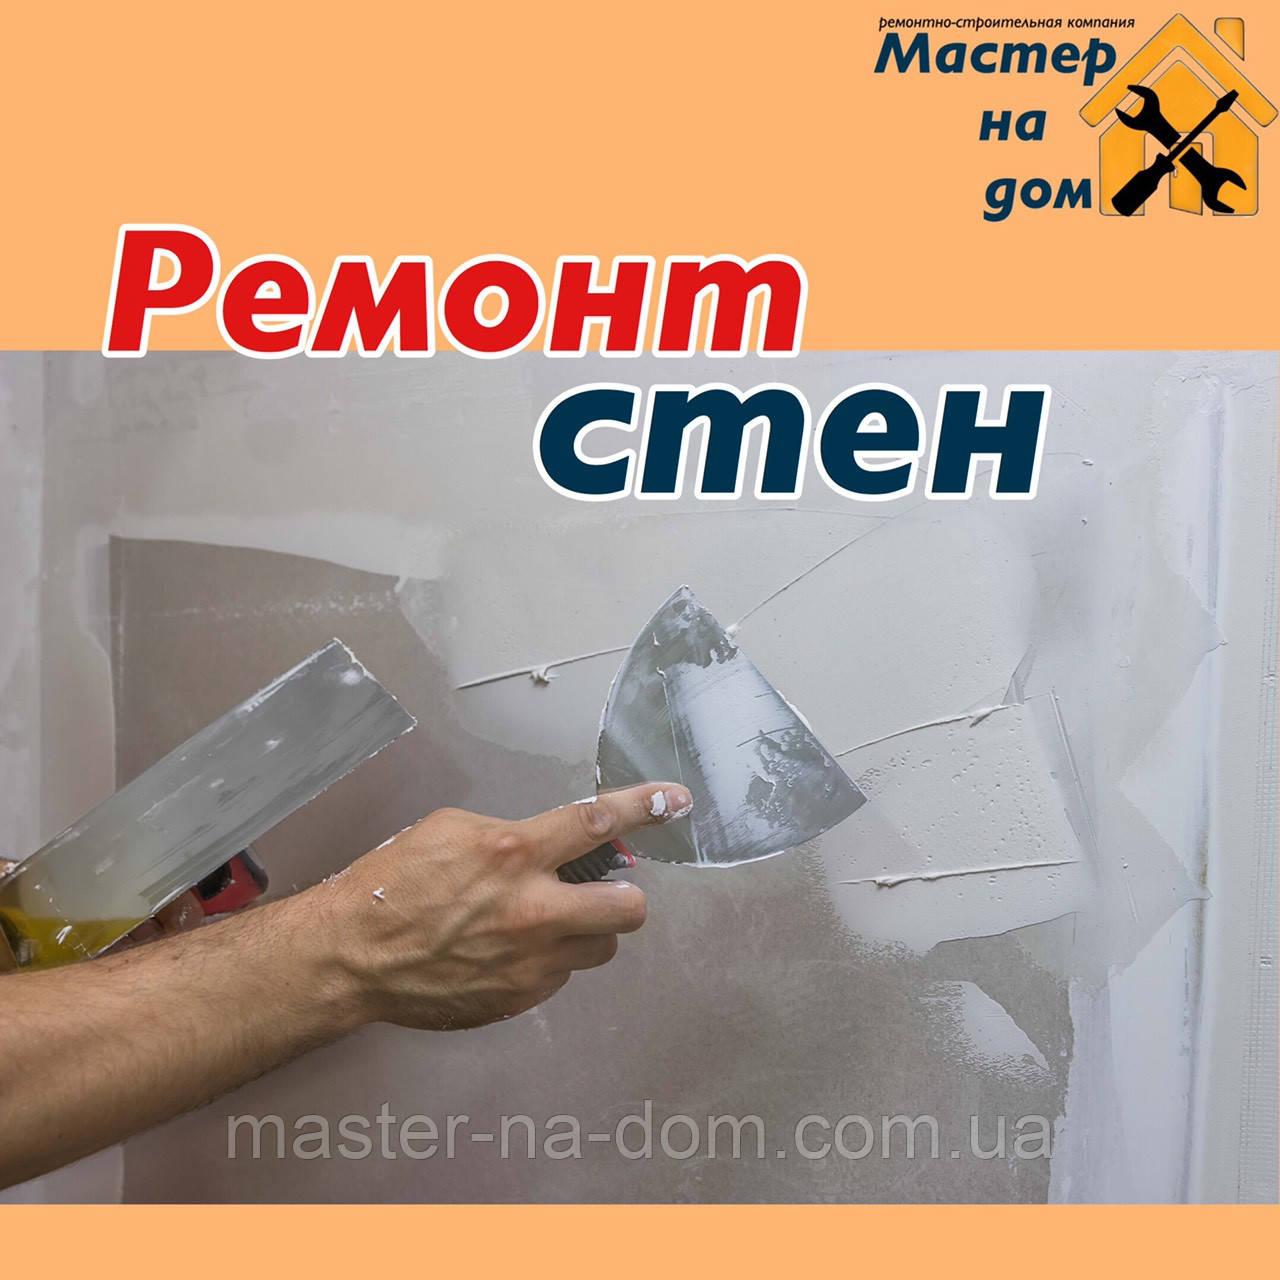 Ремонт стен в Запорожье, фото 1